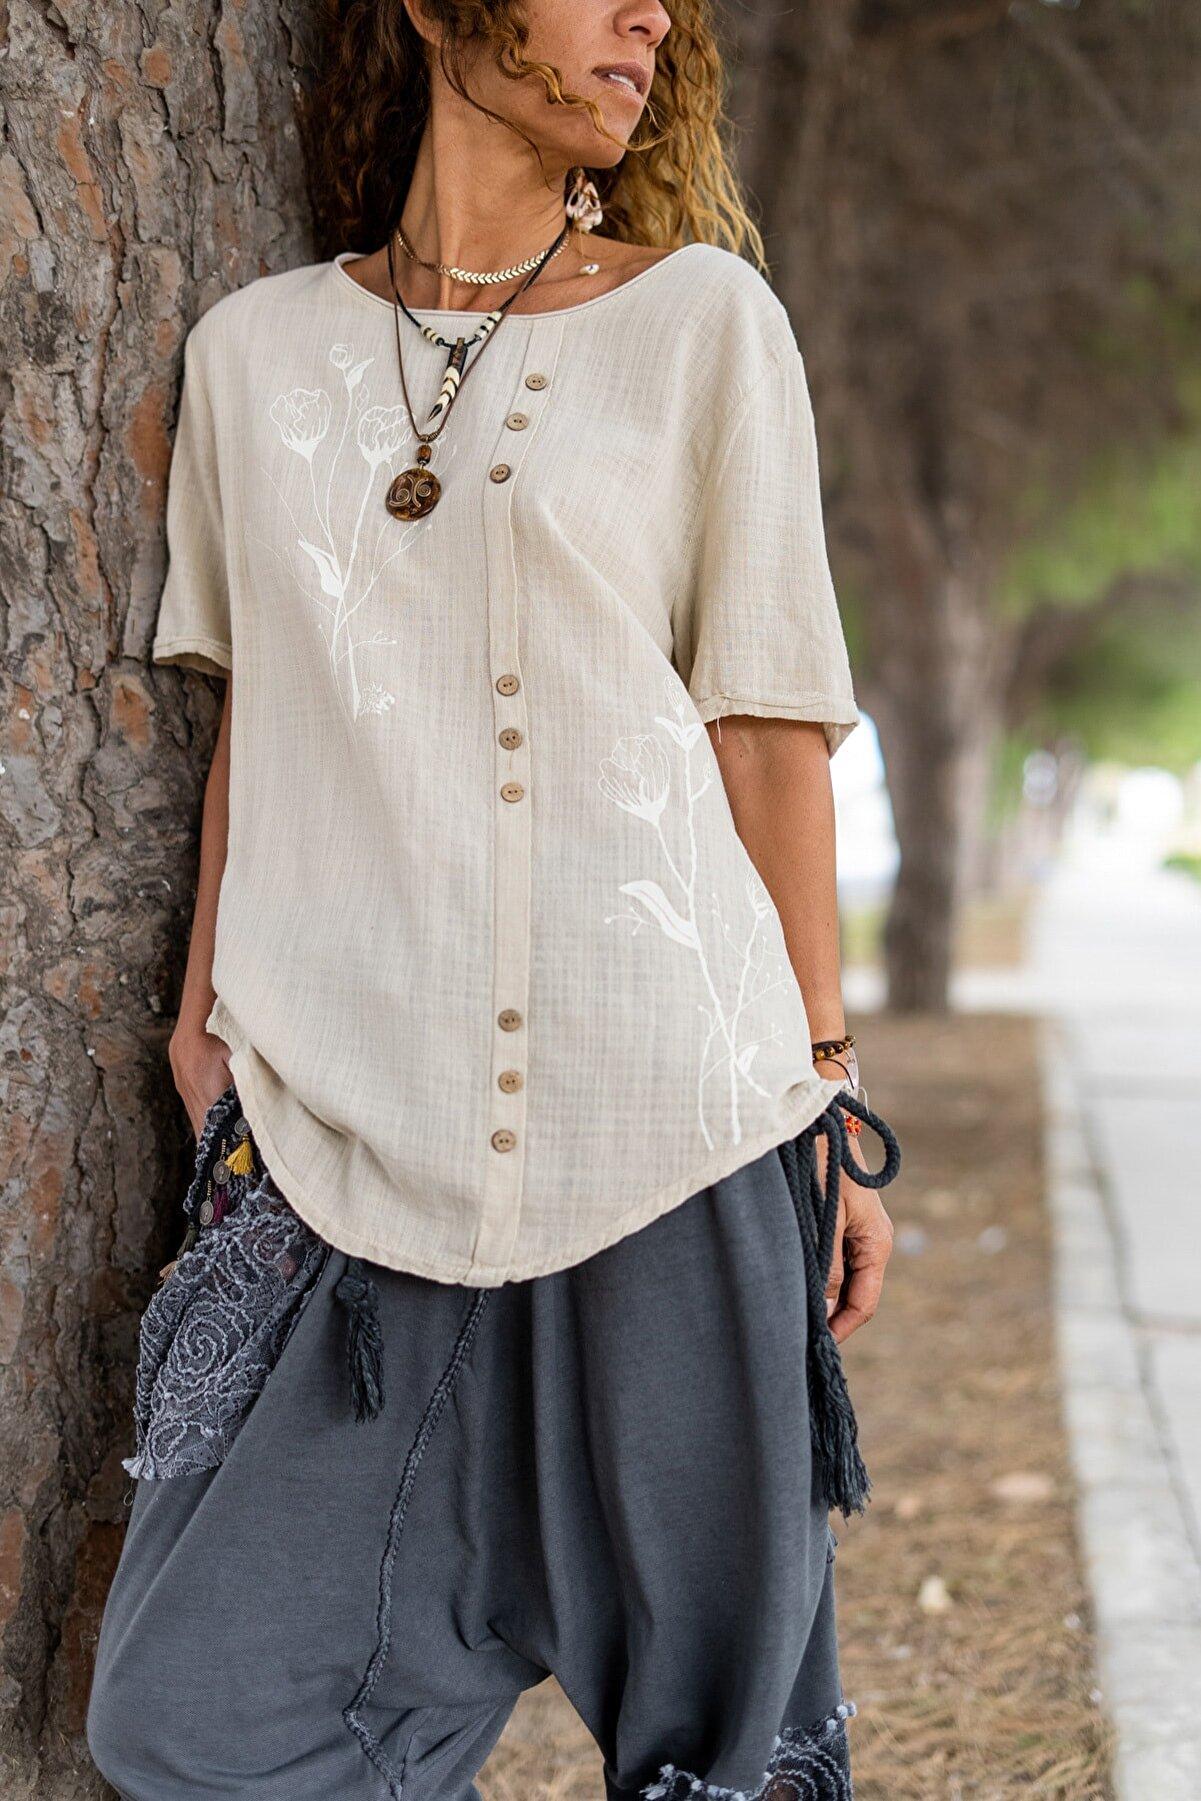 Güneşkızı Kadın Bej Yıkamalı Keten Lale Baskılı Düğme Detaylı Salaş Bluz GK-RSD2060